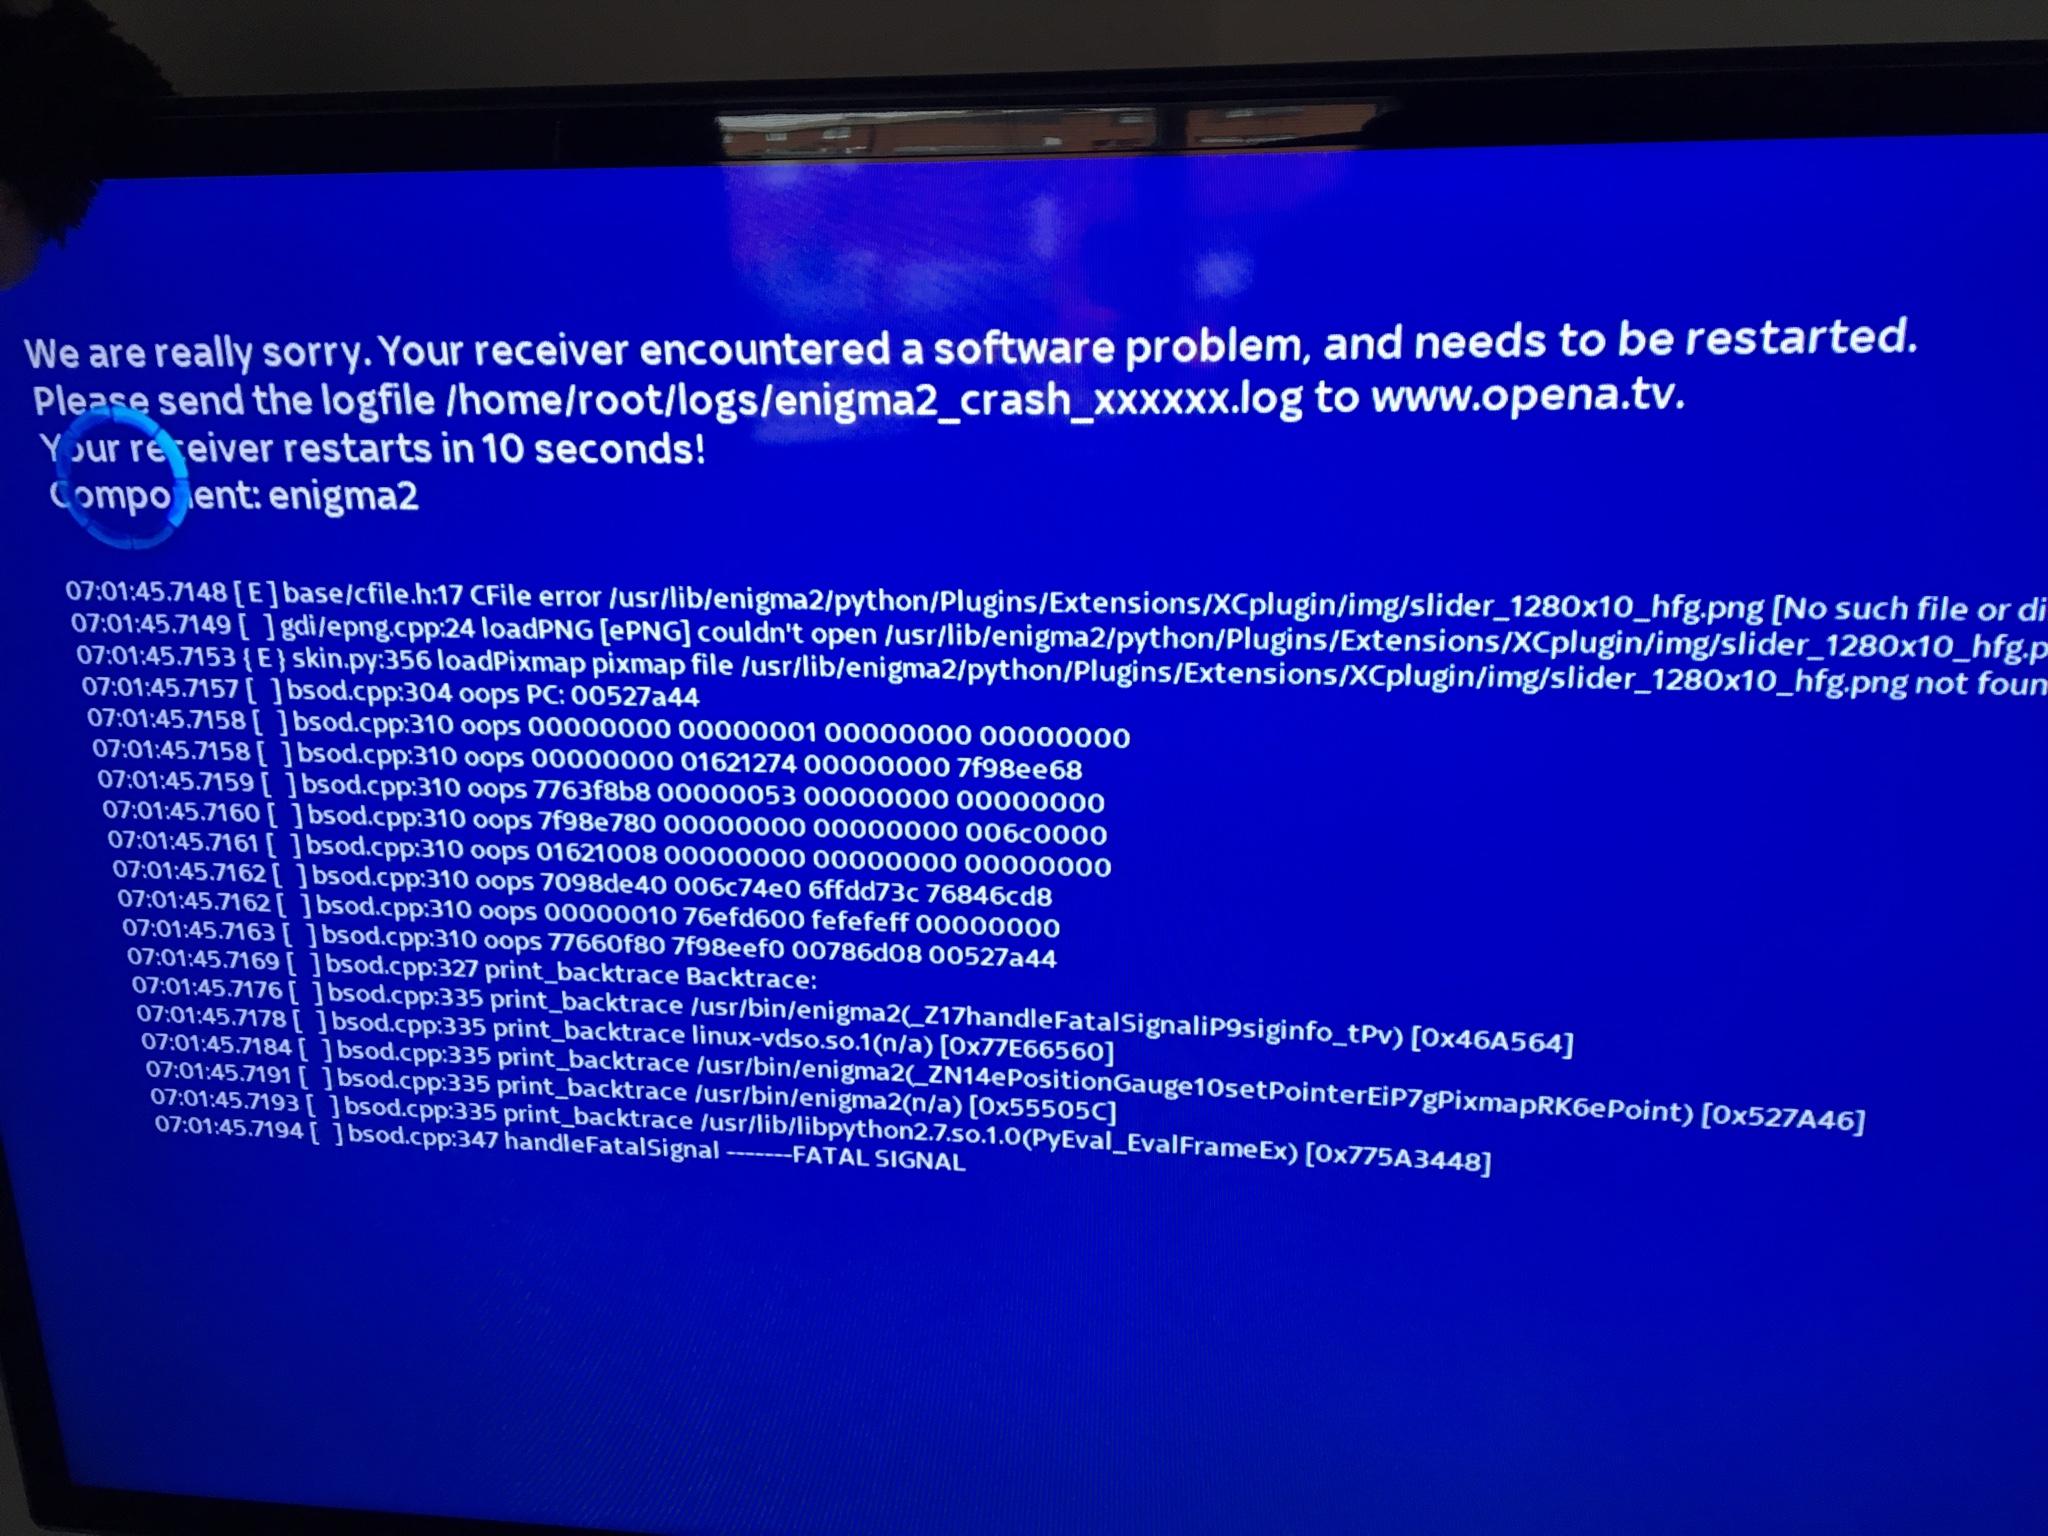 Xc plugin error | Techkings